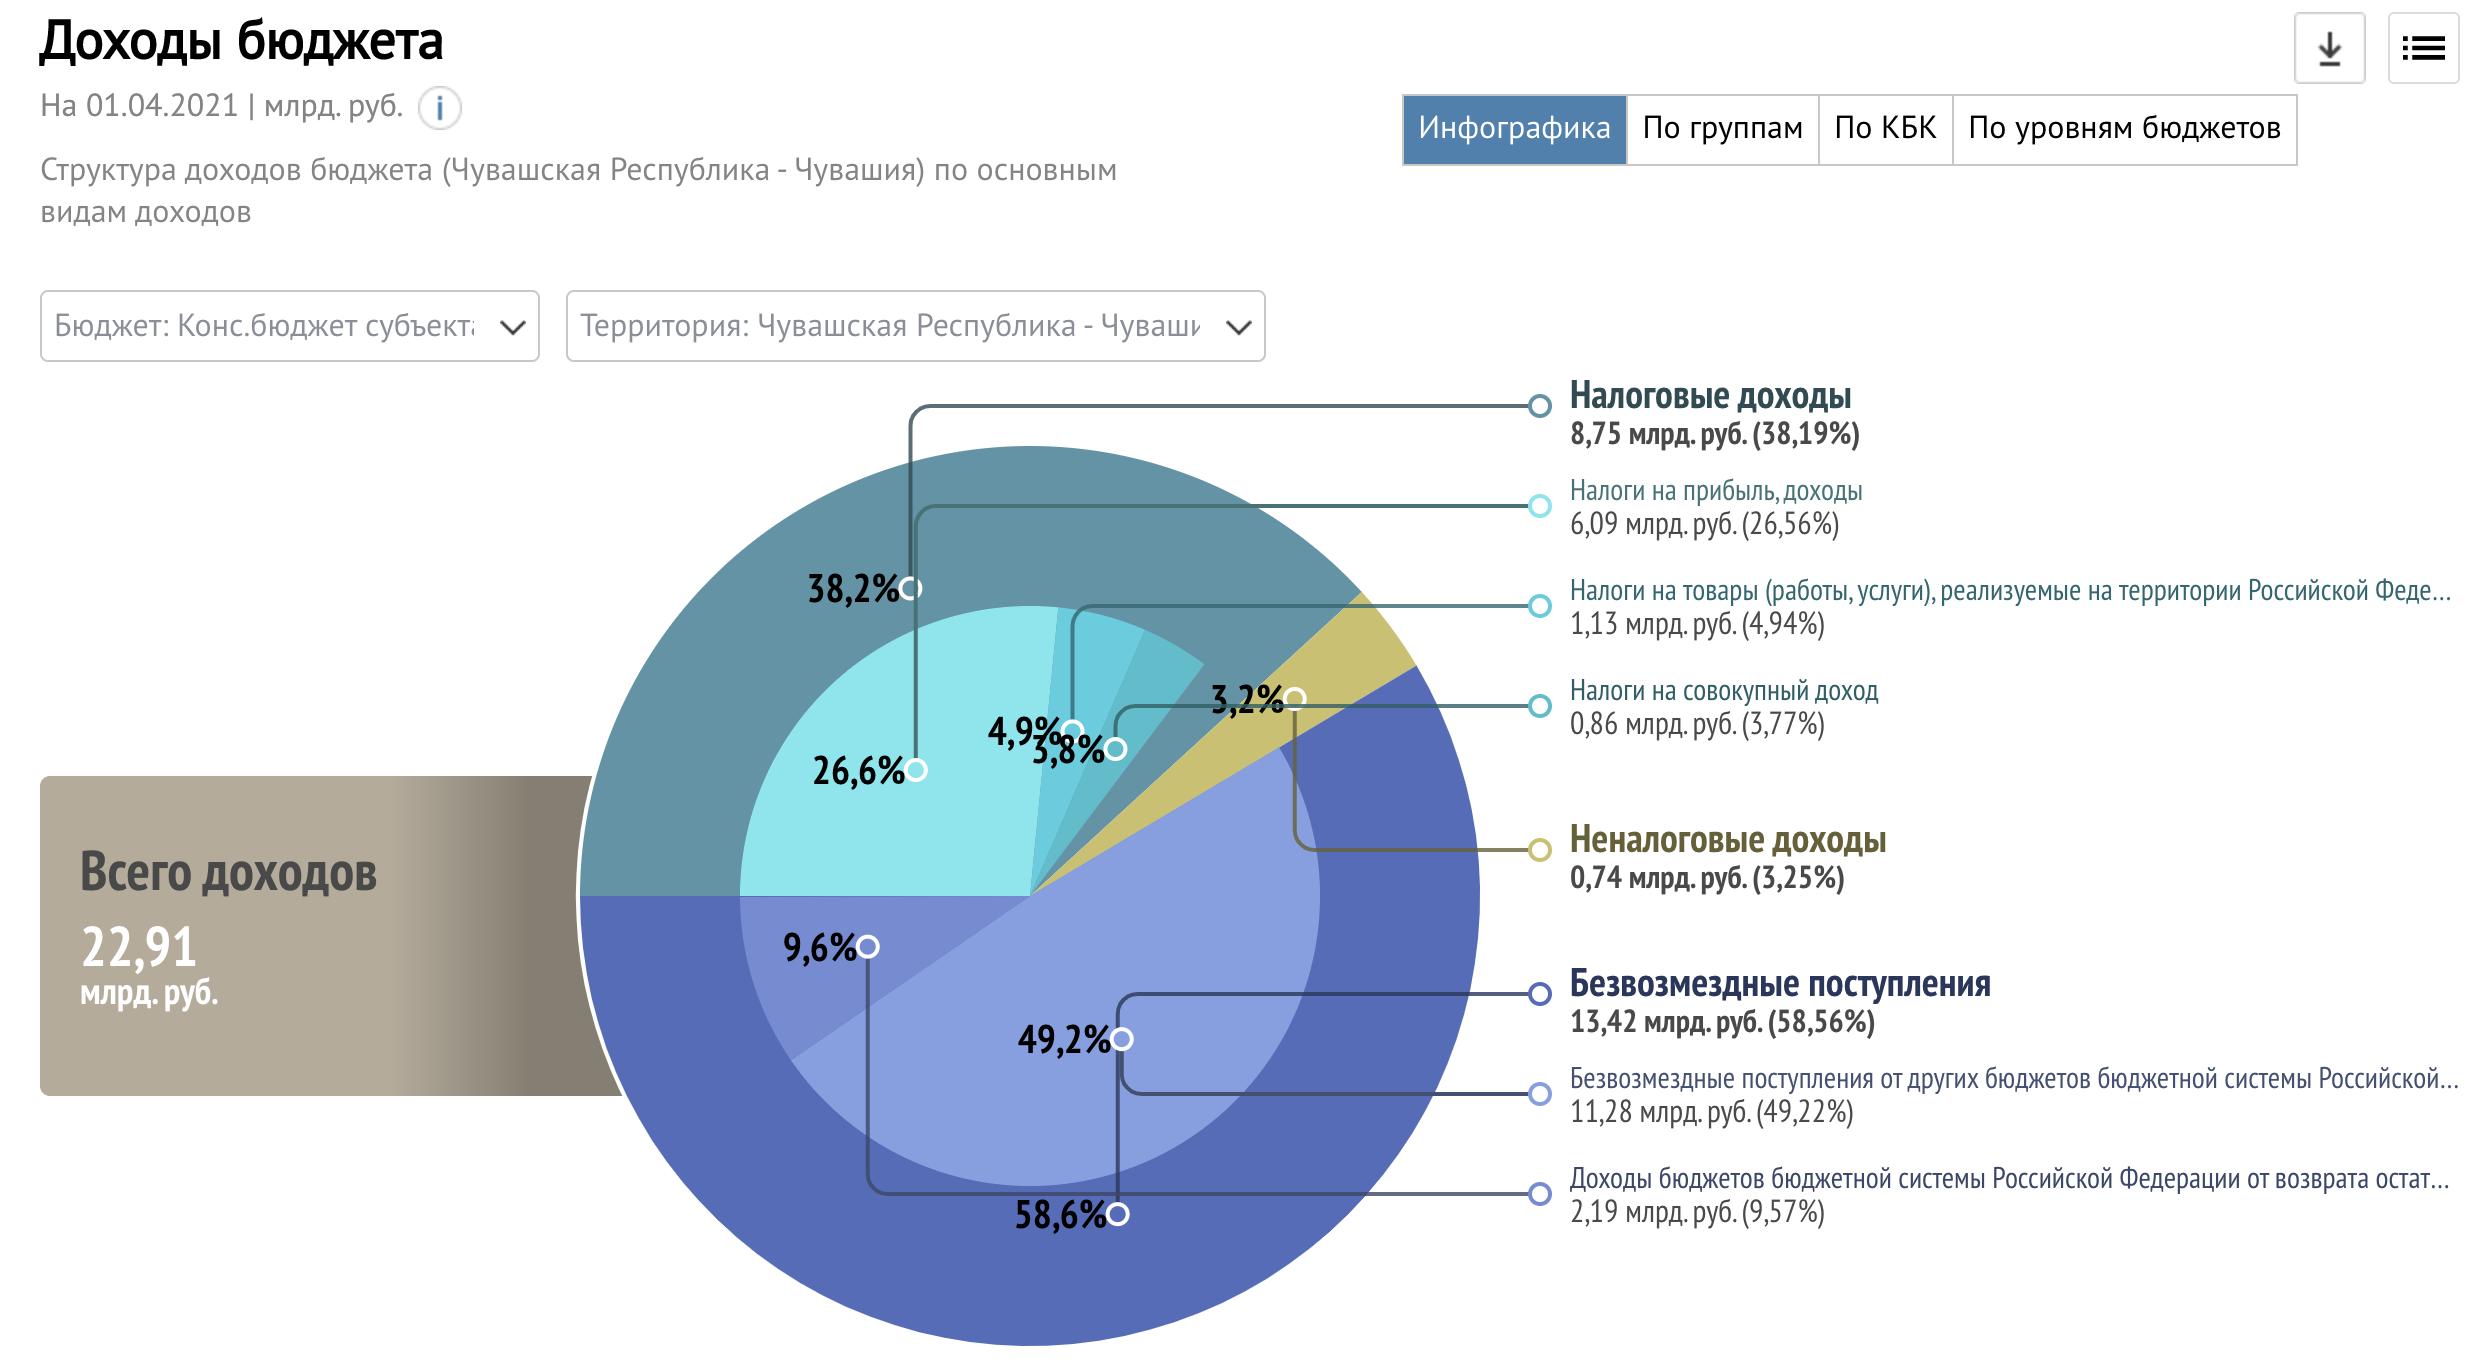 revenues structure